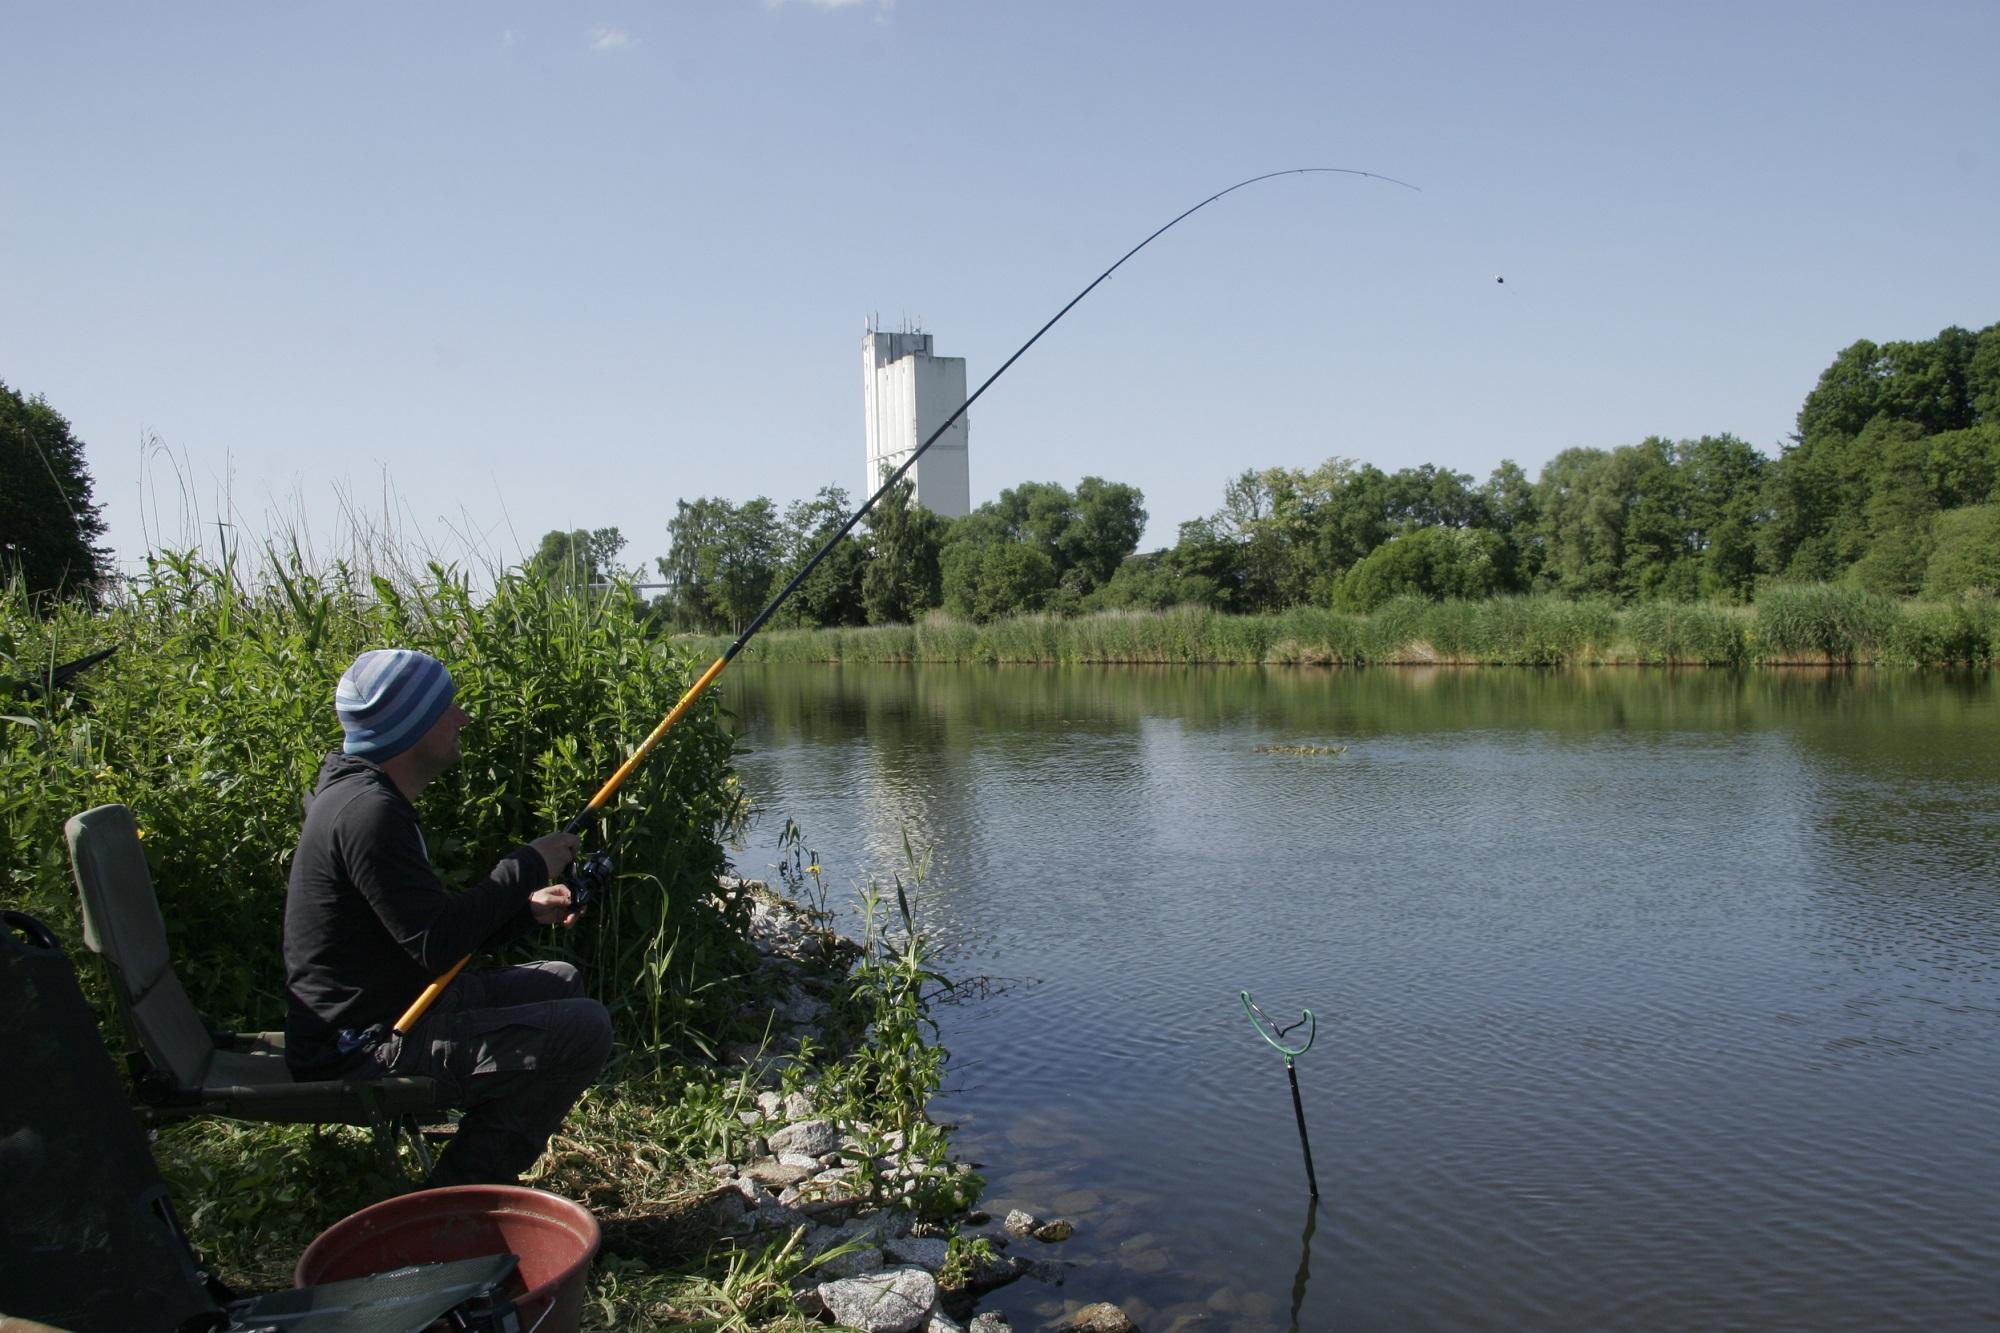 Für viele Gewässer gibt es mittlerweile Angelkarten online zu kaufen. Erlaubnisscheine für den Elbe-Lübeck-Kanal bekommt Ihr zum Beispiel bei Hejfish (Foto: Arnulf Ehrchen)